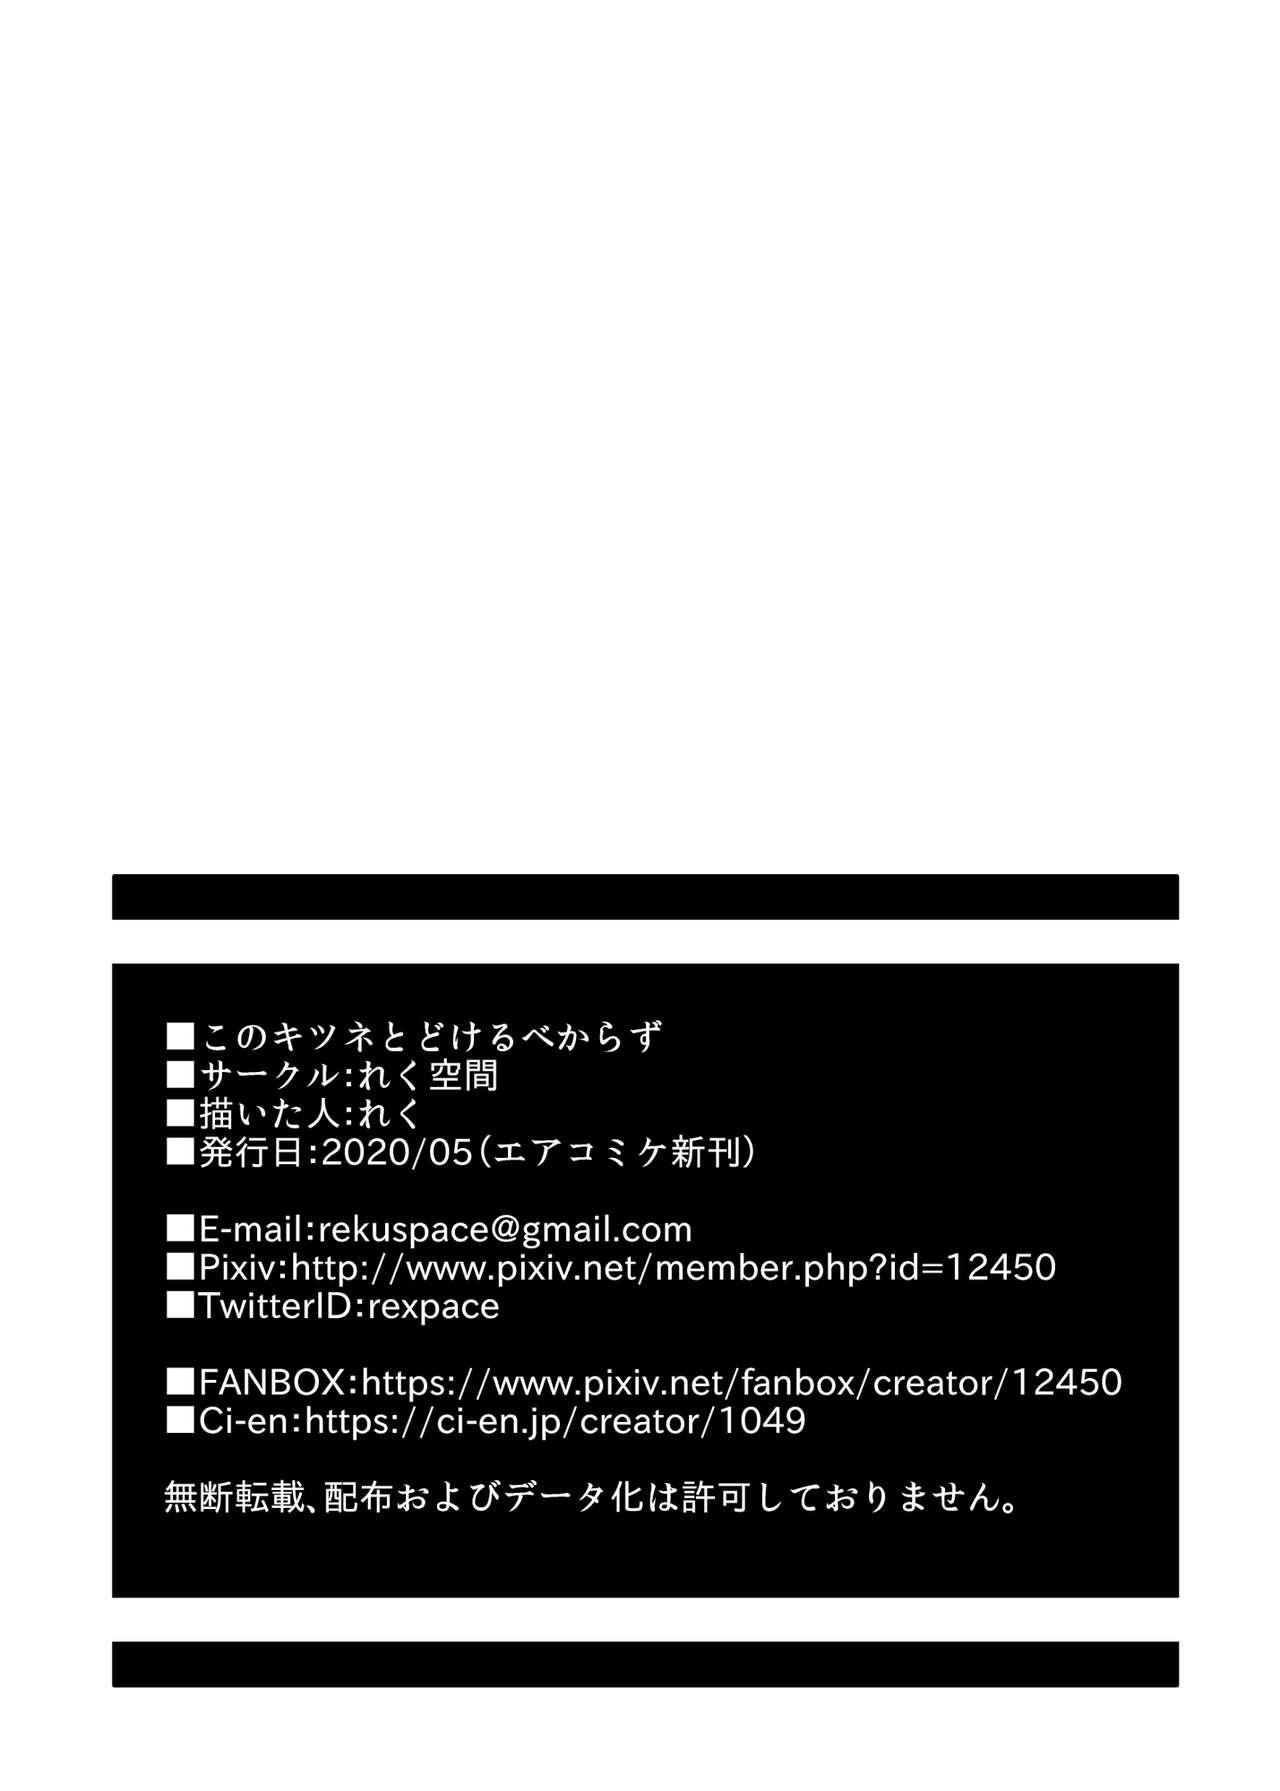 Kono Kitsune Todokeru bekarazu 24